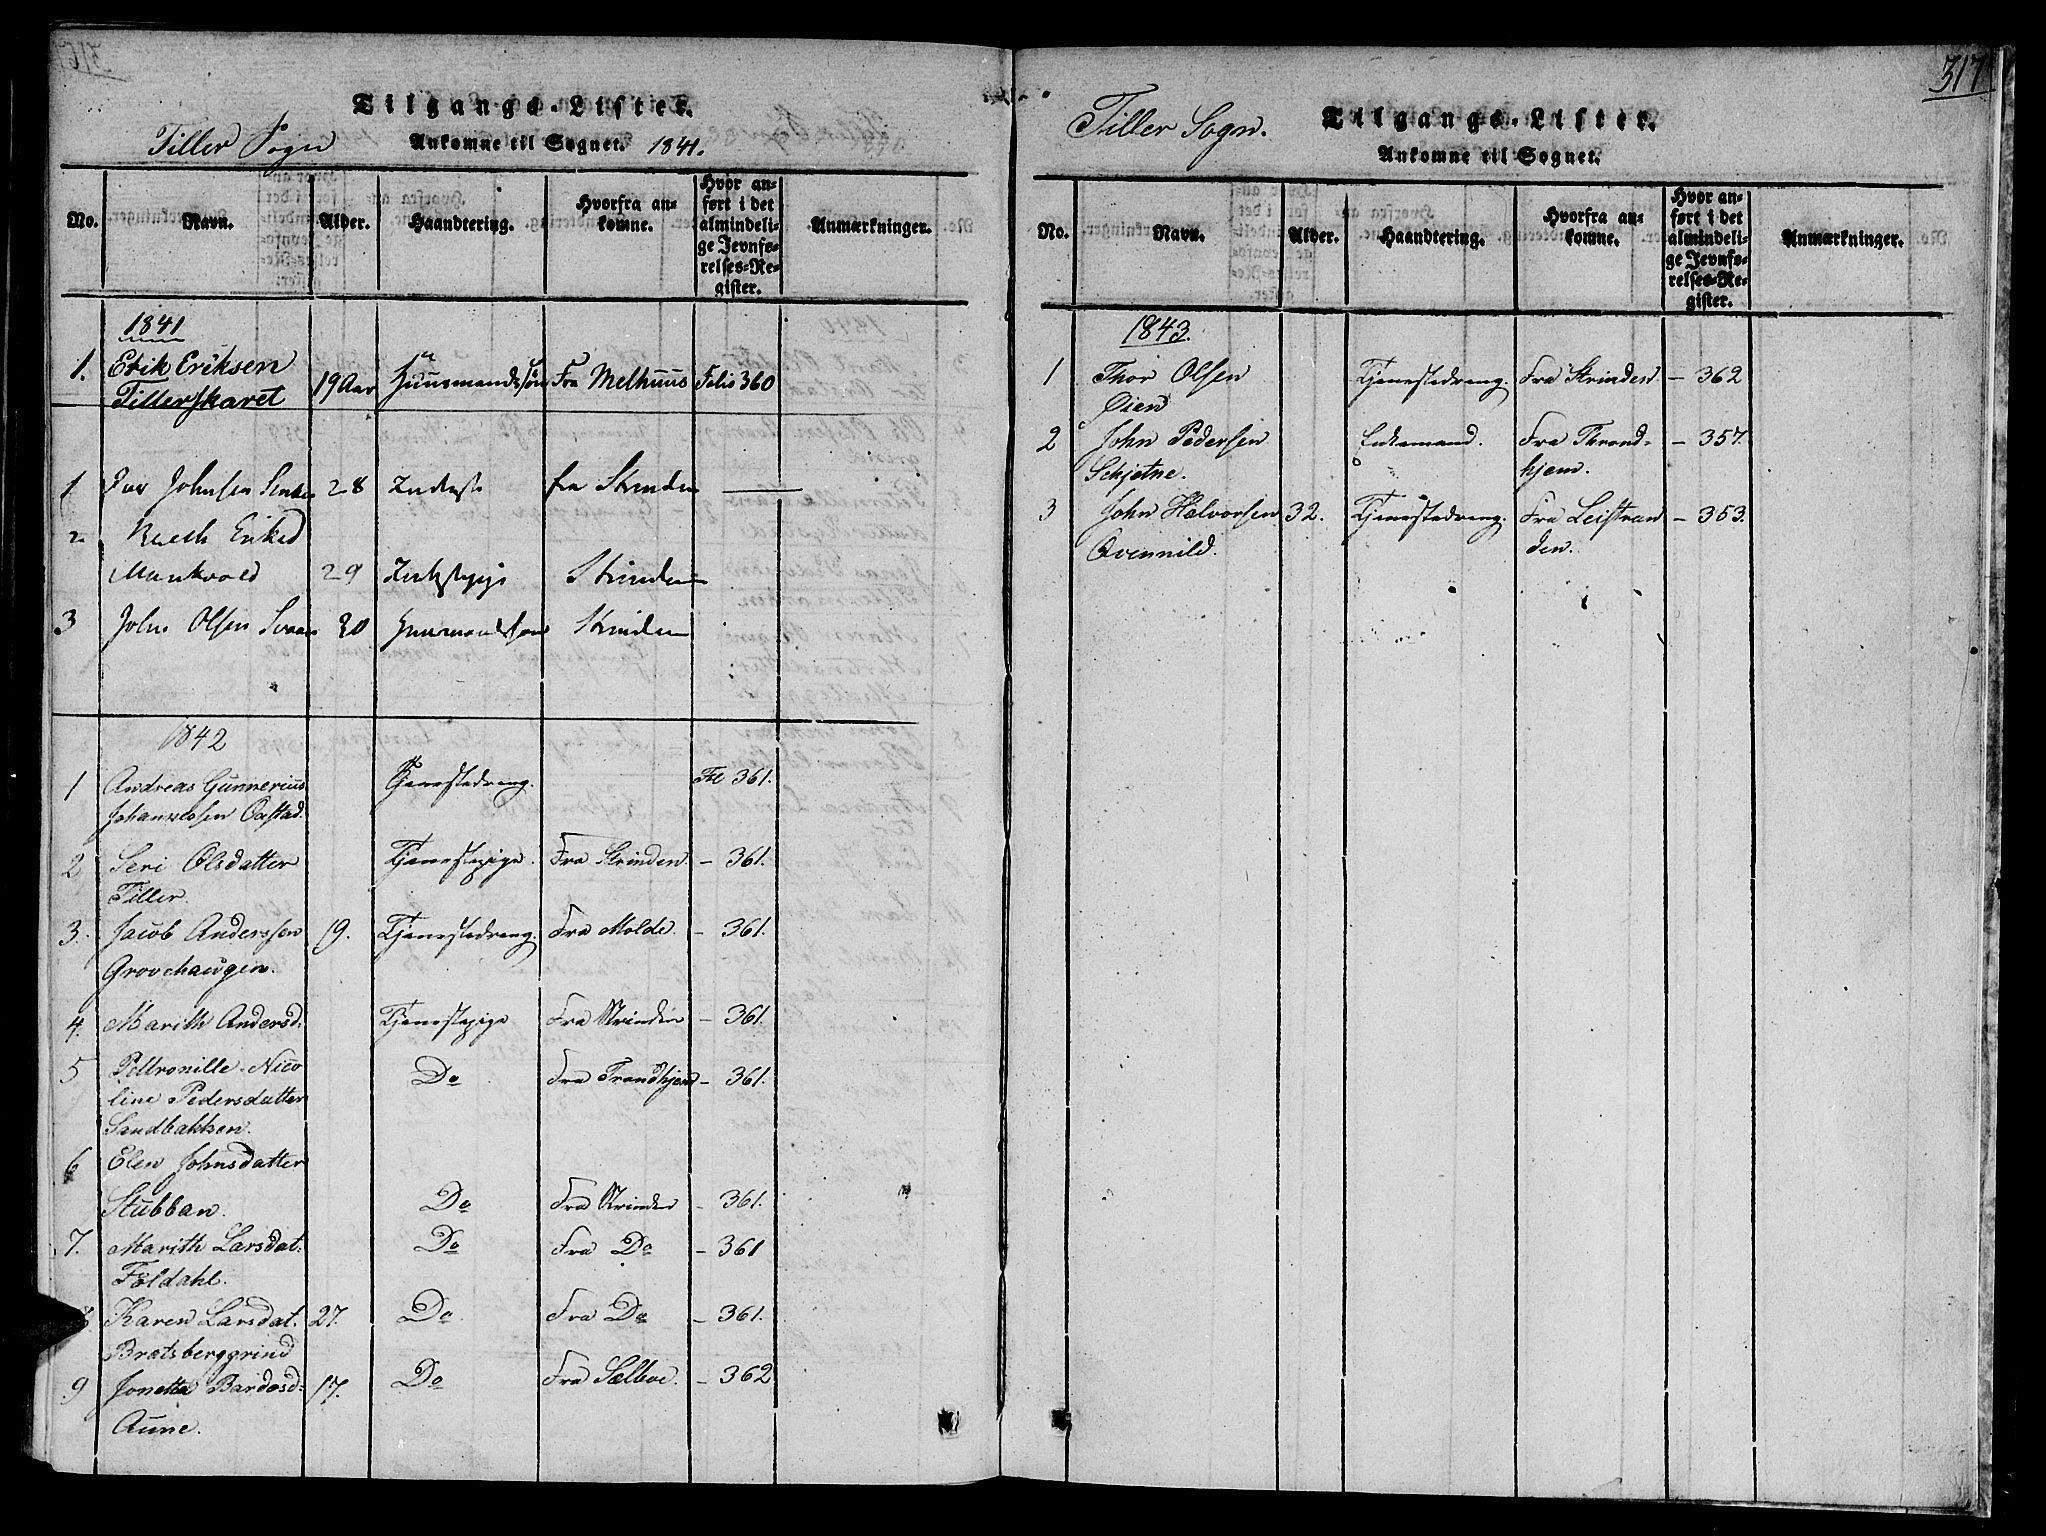 SAT, Ministerialprotokoller, klokkerbøker og fødselsregistre - Sør-Trøndelag, 618/L0440: Ministerialbok nr. 618A04 /2, 1816-1843, s. 317